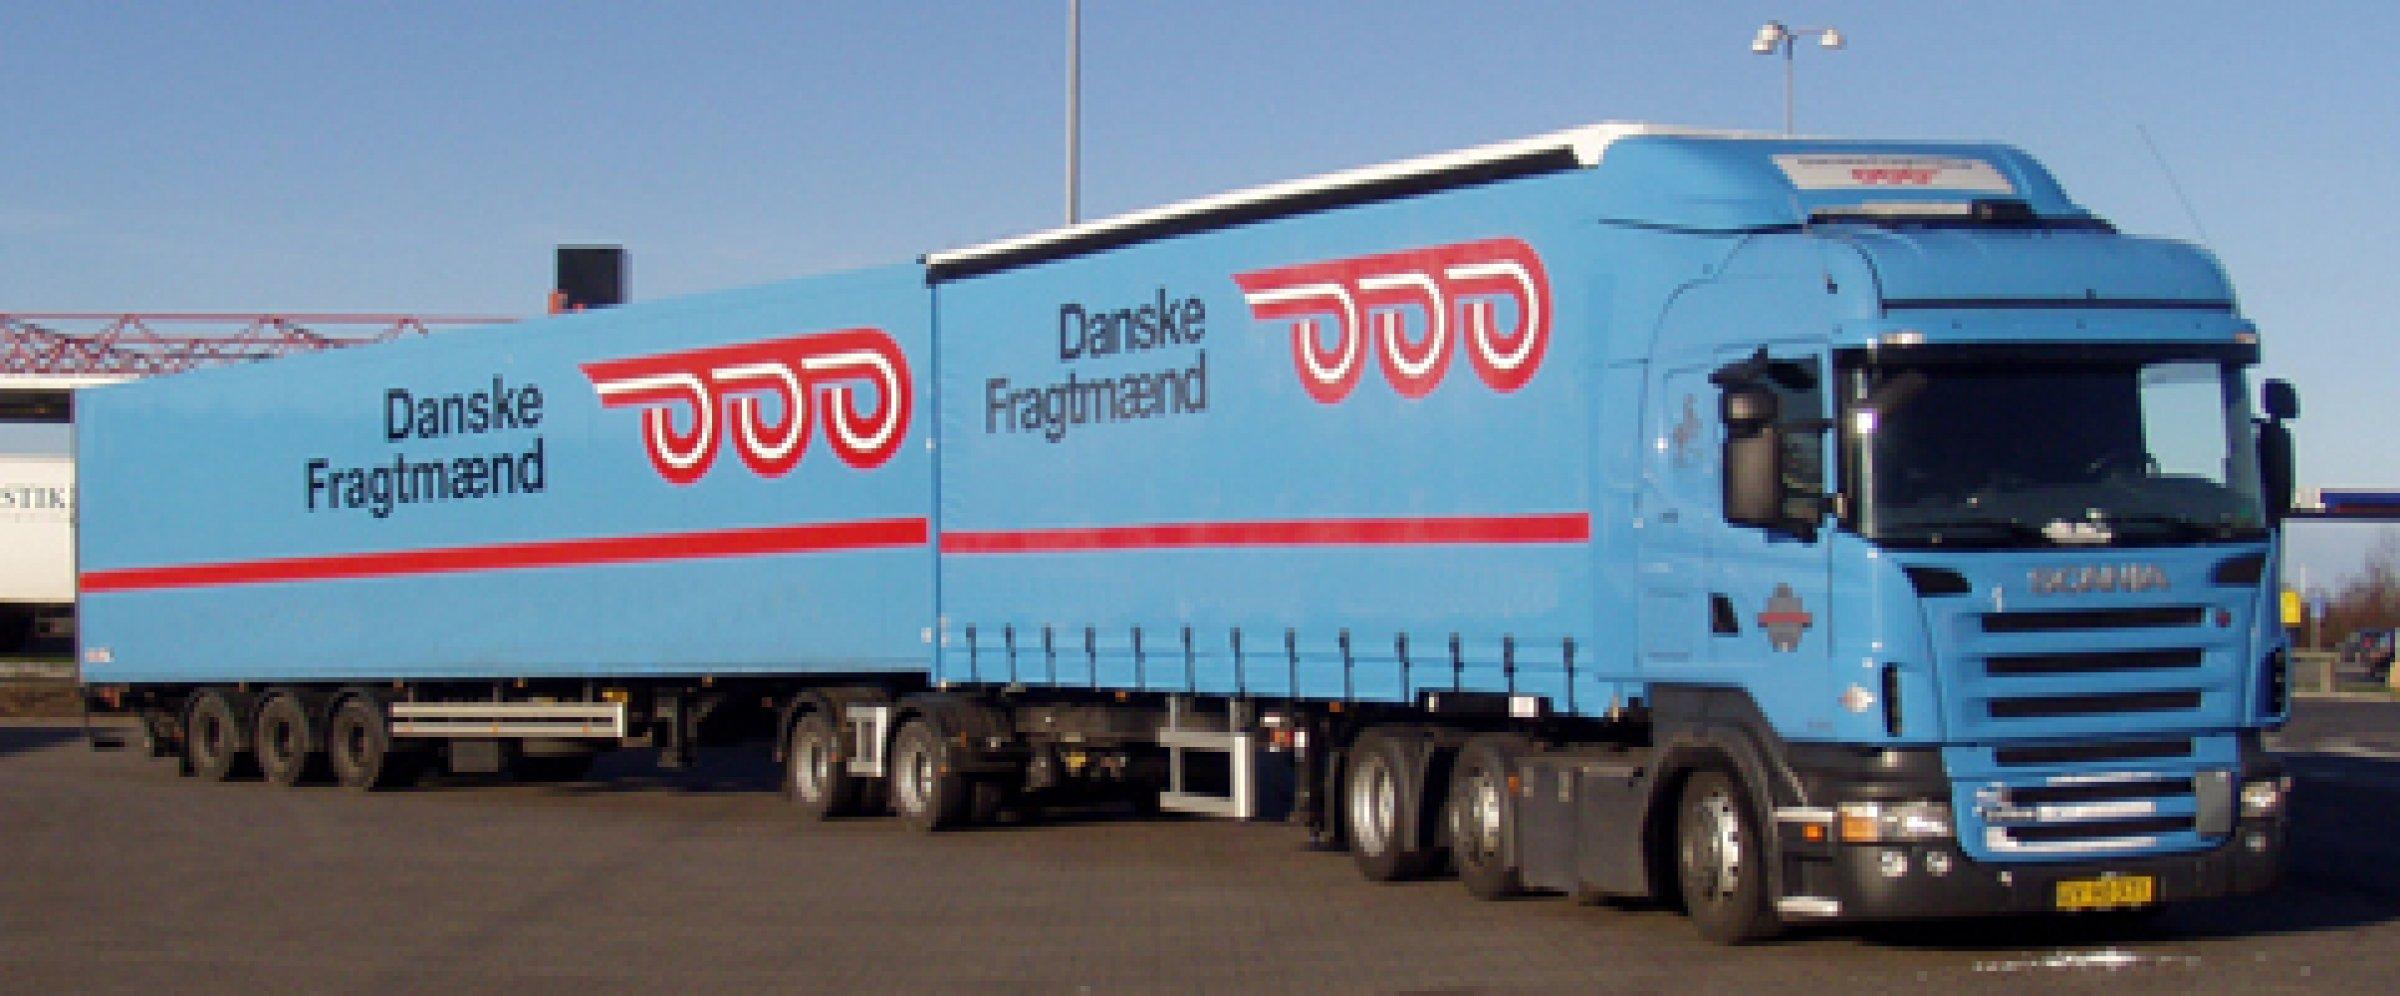 danske fragtmænd express